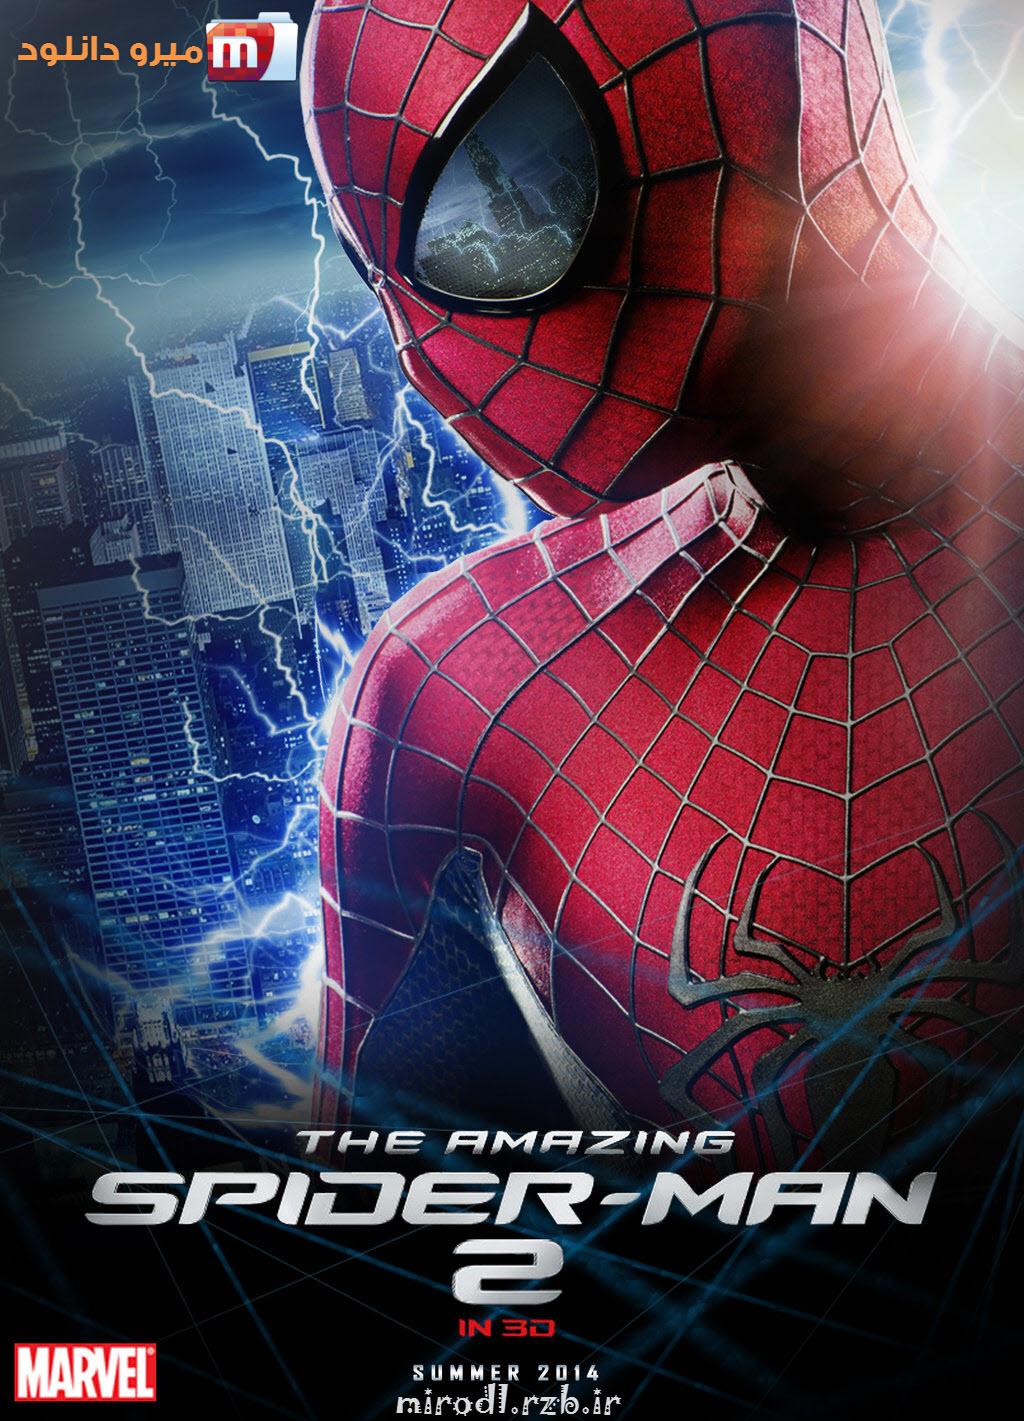 دانلود فیلم سینمایی فوق العاده دیدنی مرد عنکبوتی شگفت انگیز 2 - The Amazing Spider- Man 2